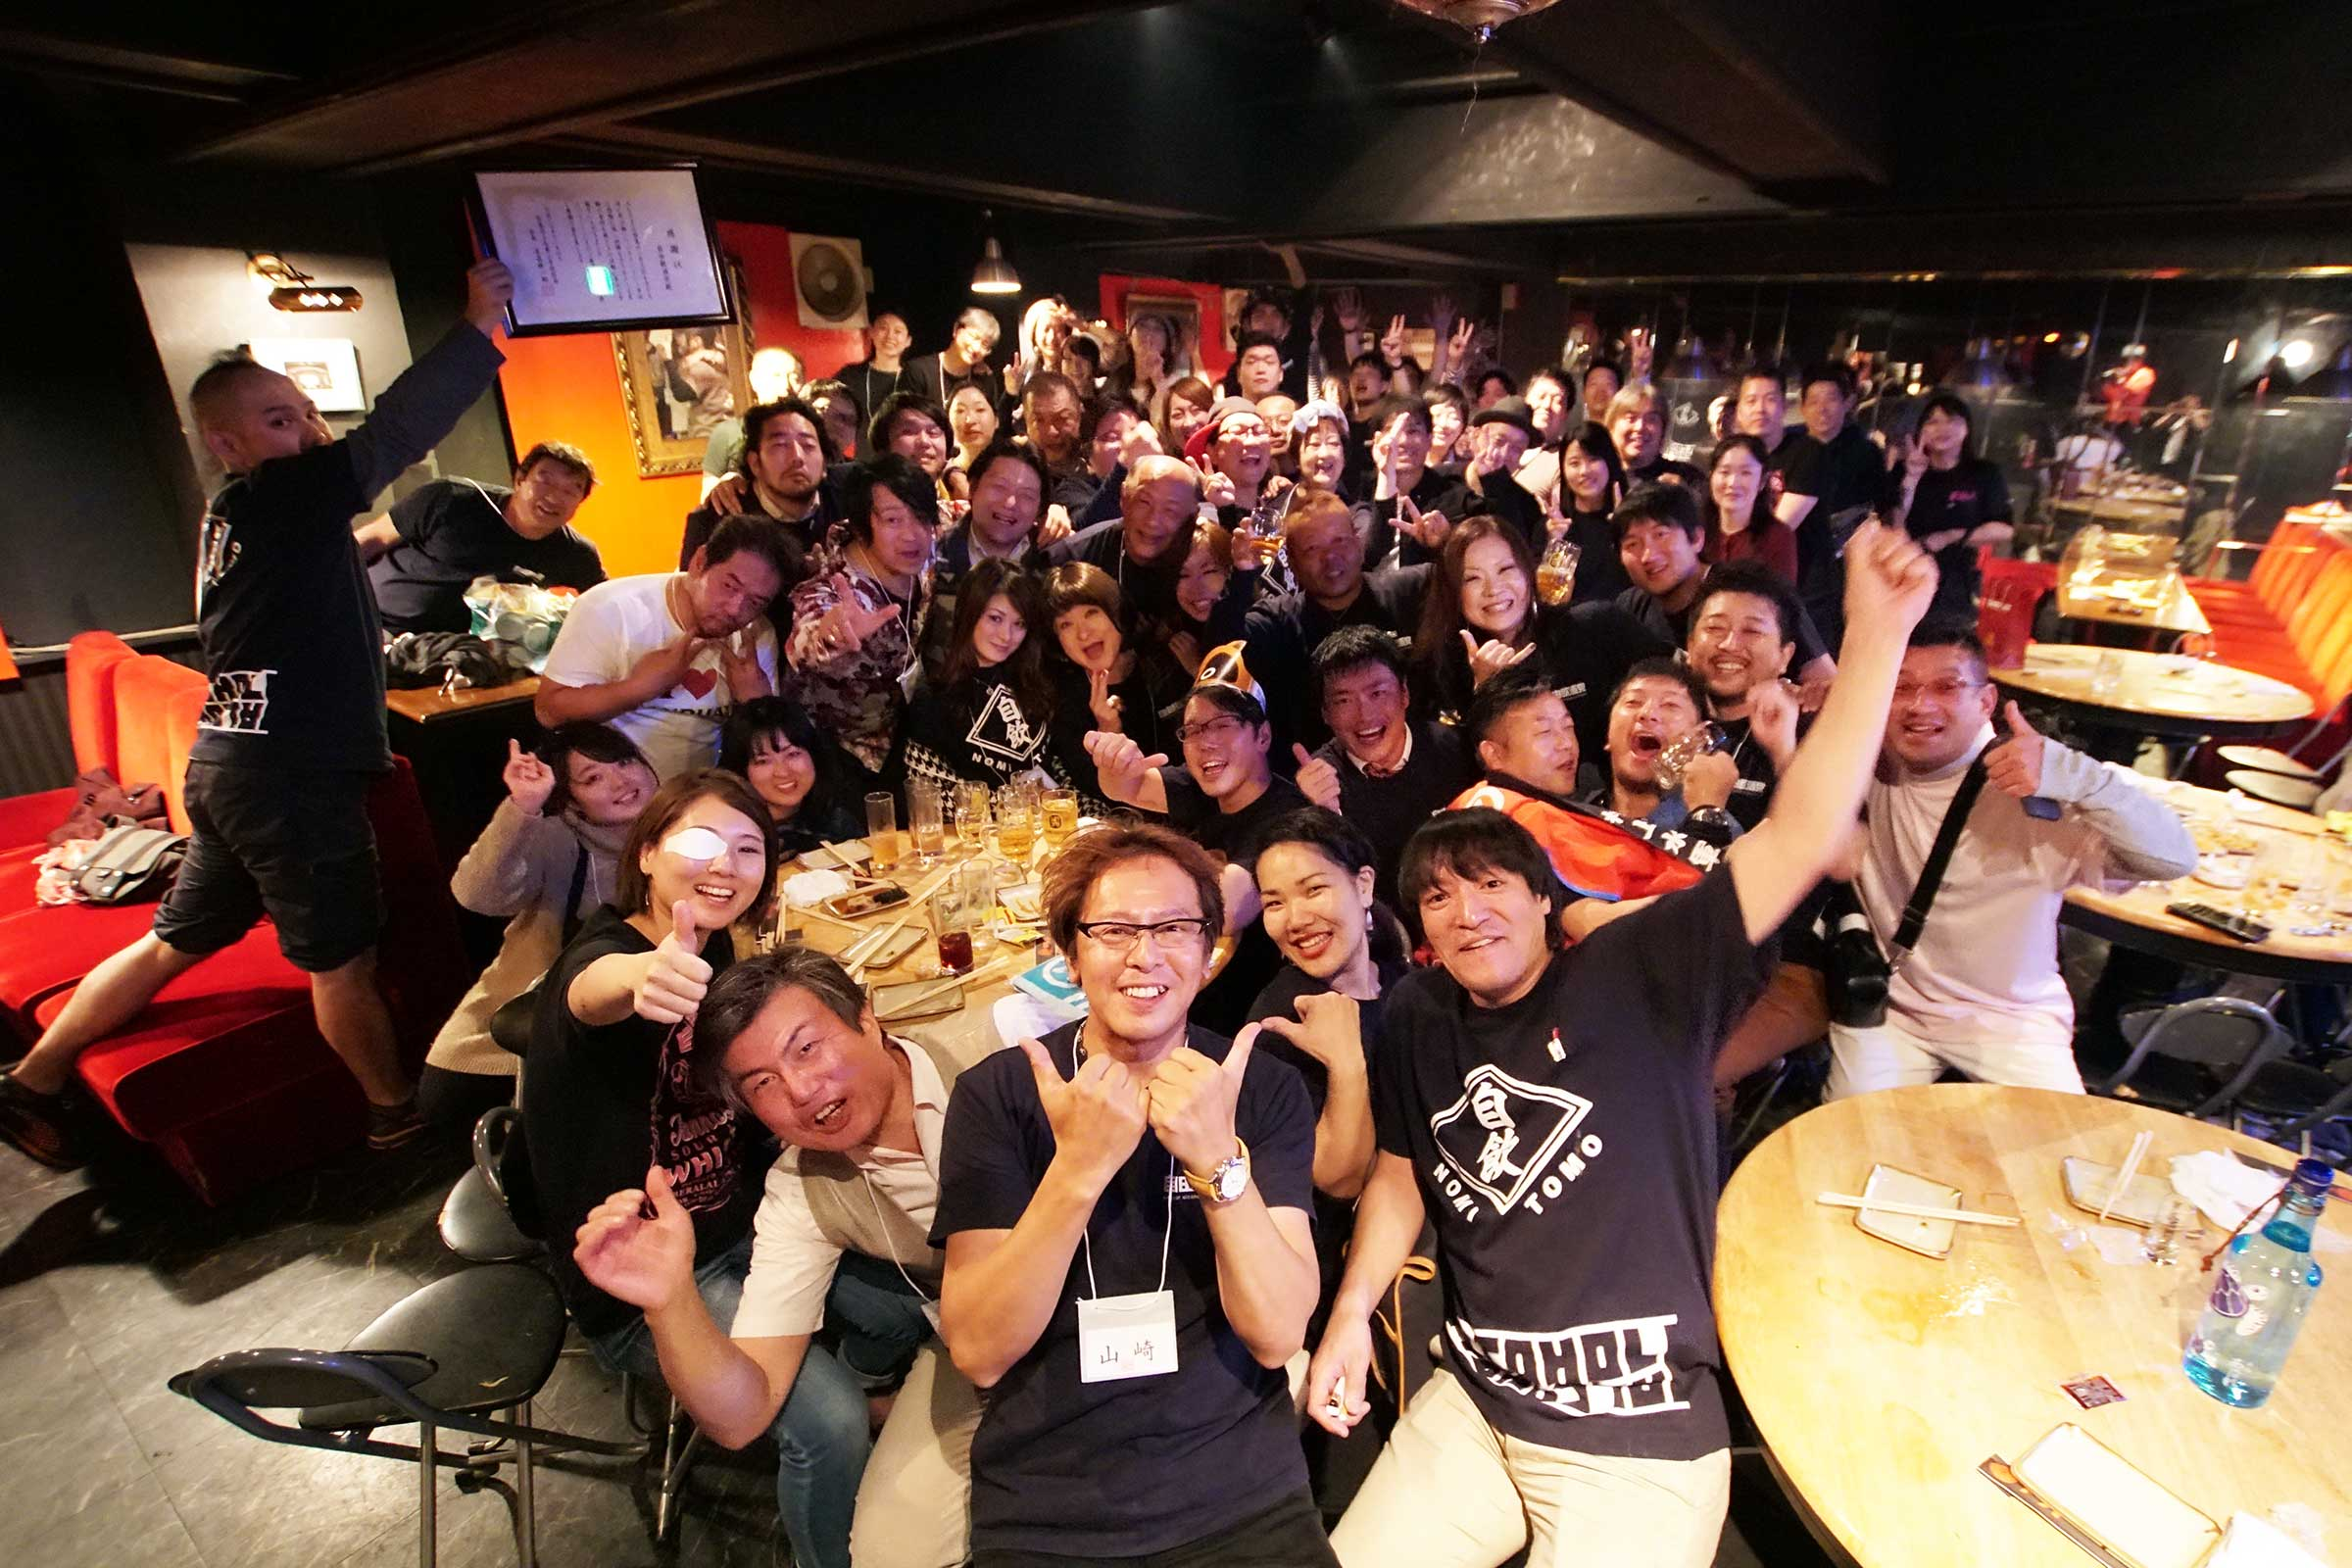 11/4 党員酒会(とういんしゅーかい) in 徳島 報告